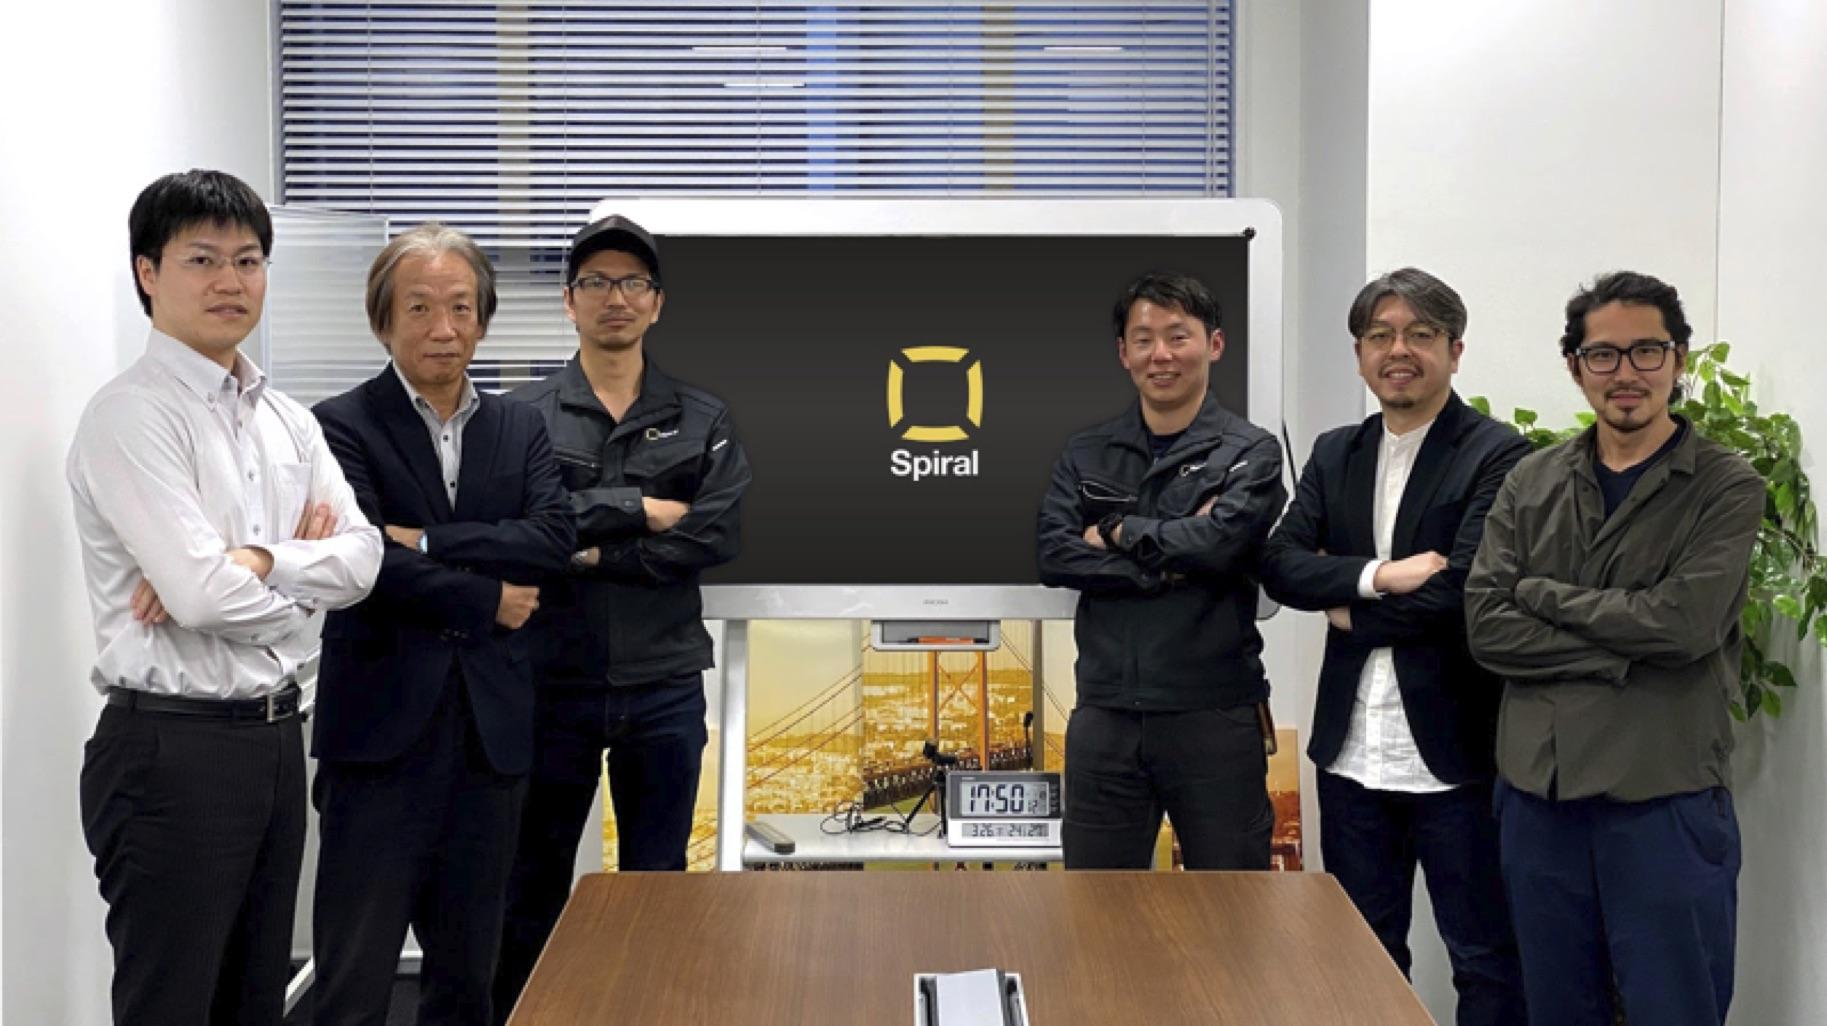 左から3人目が石川さん。右端はMIRAISE CTO布田、その隣がPartner 岩田。